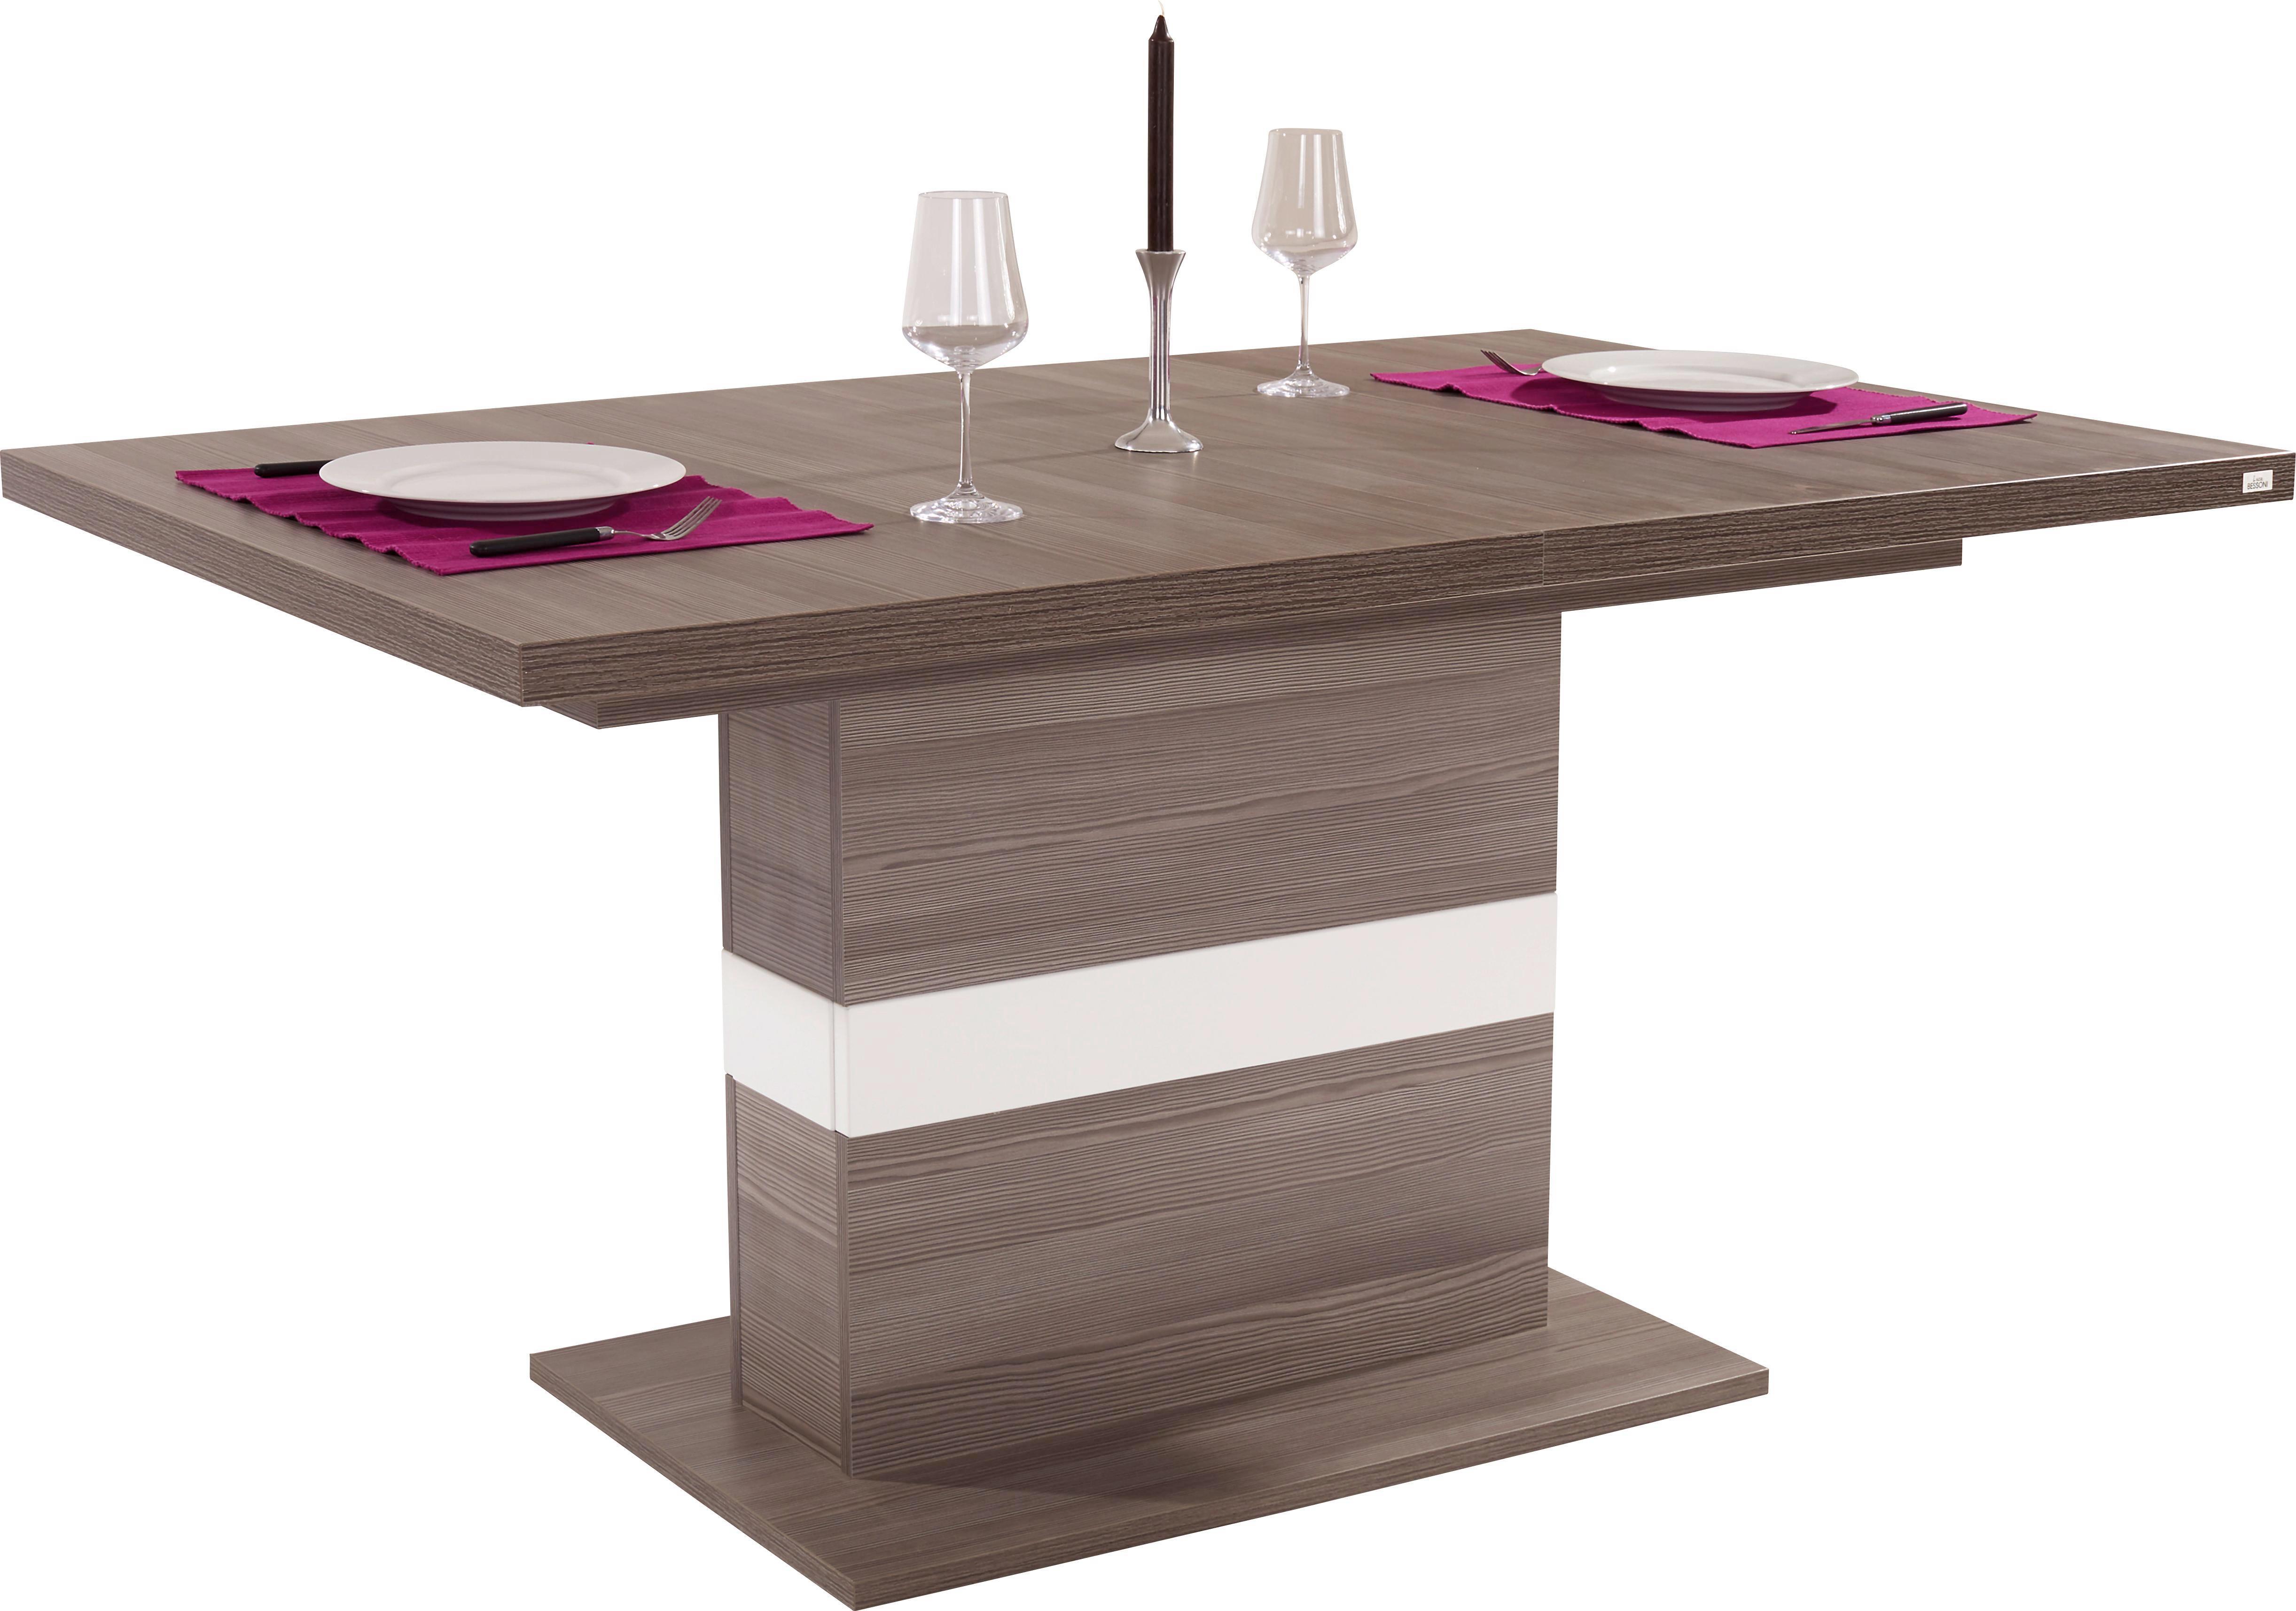 moderne esstische ausziehbar beautiful baston baston gnstiger esstisch auch ausziehbar with. Black Bedroom Furniture Sets. Home Design Ideas